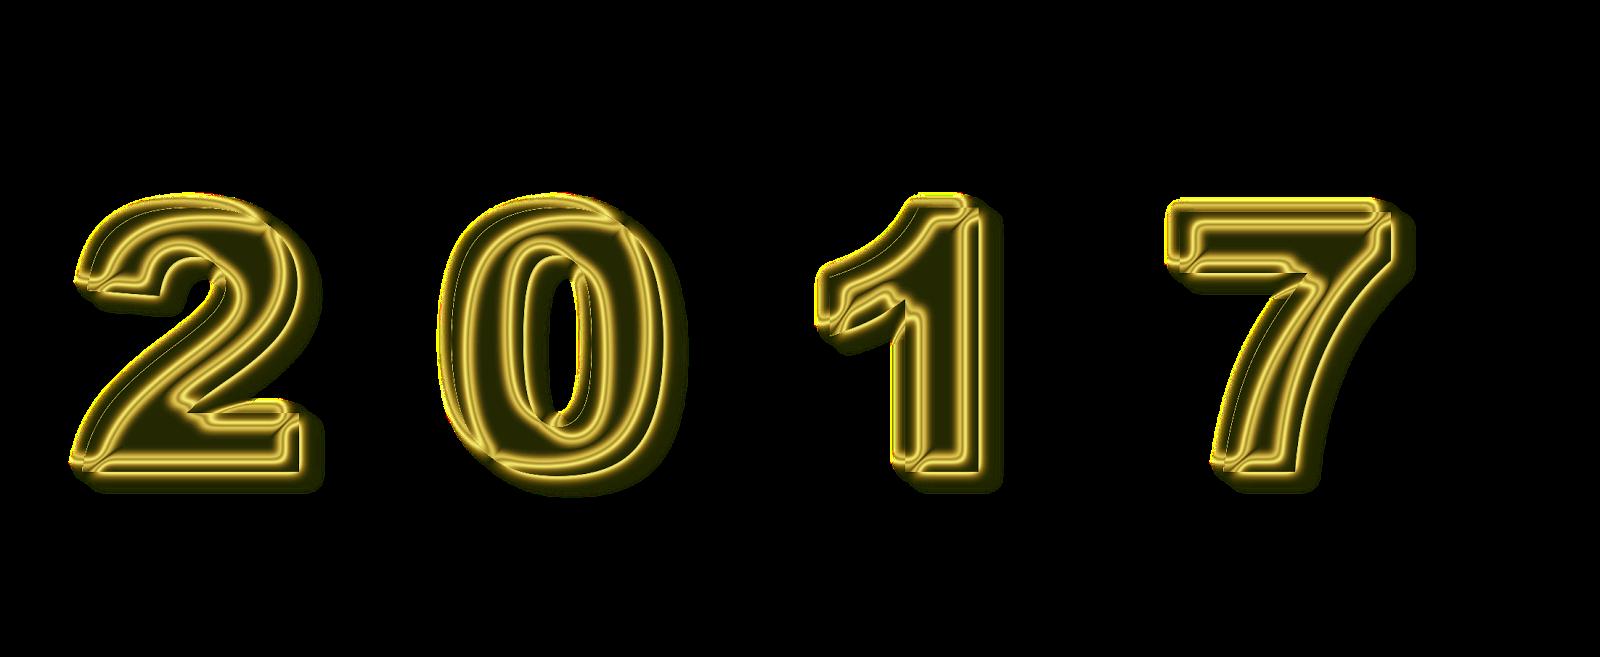 CALENDARIO GRATUITO: ANO DE 2017 EM JPG E PNG GRATIS PARA BAIXAR, # ...